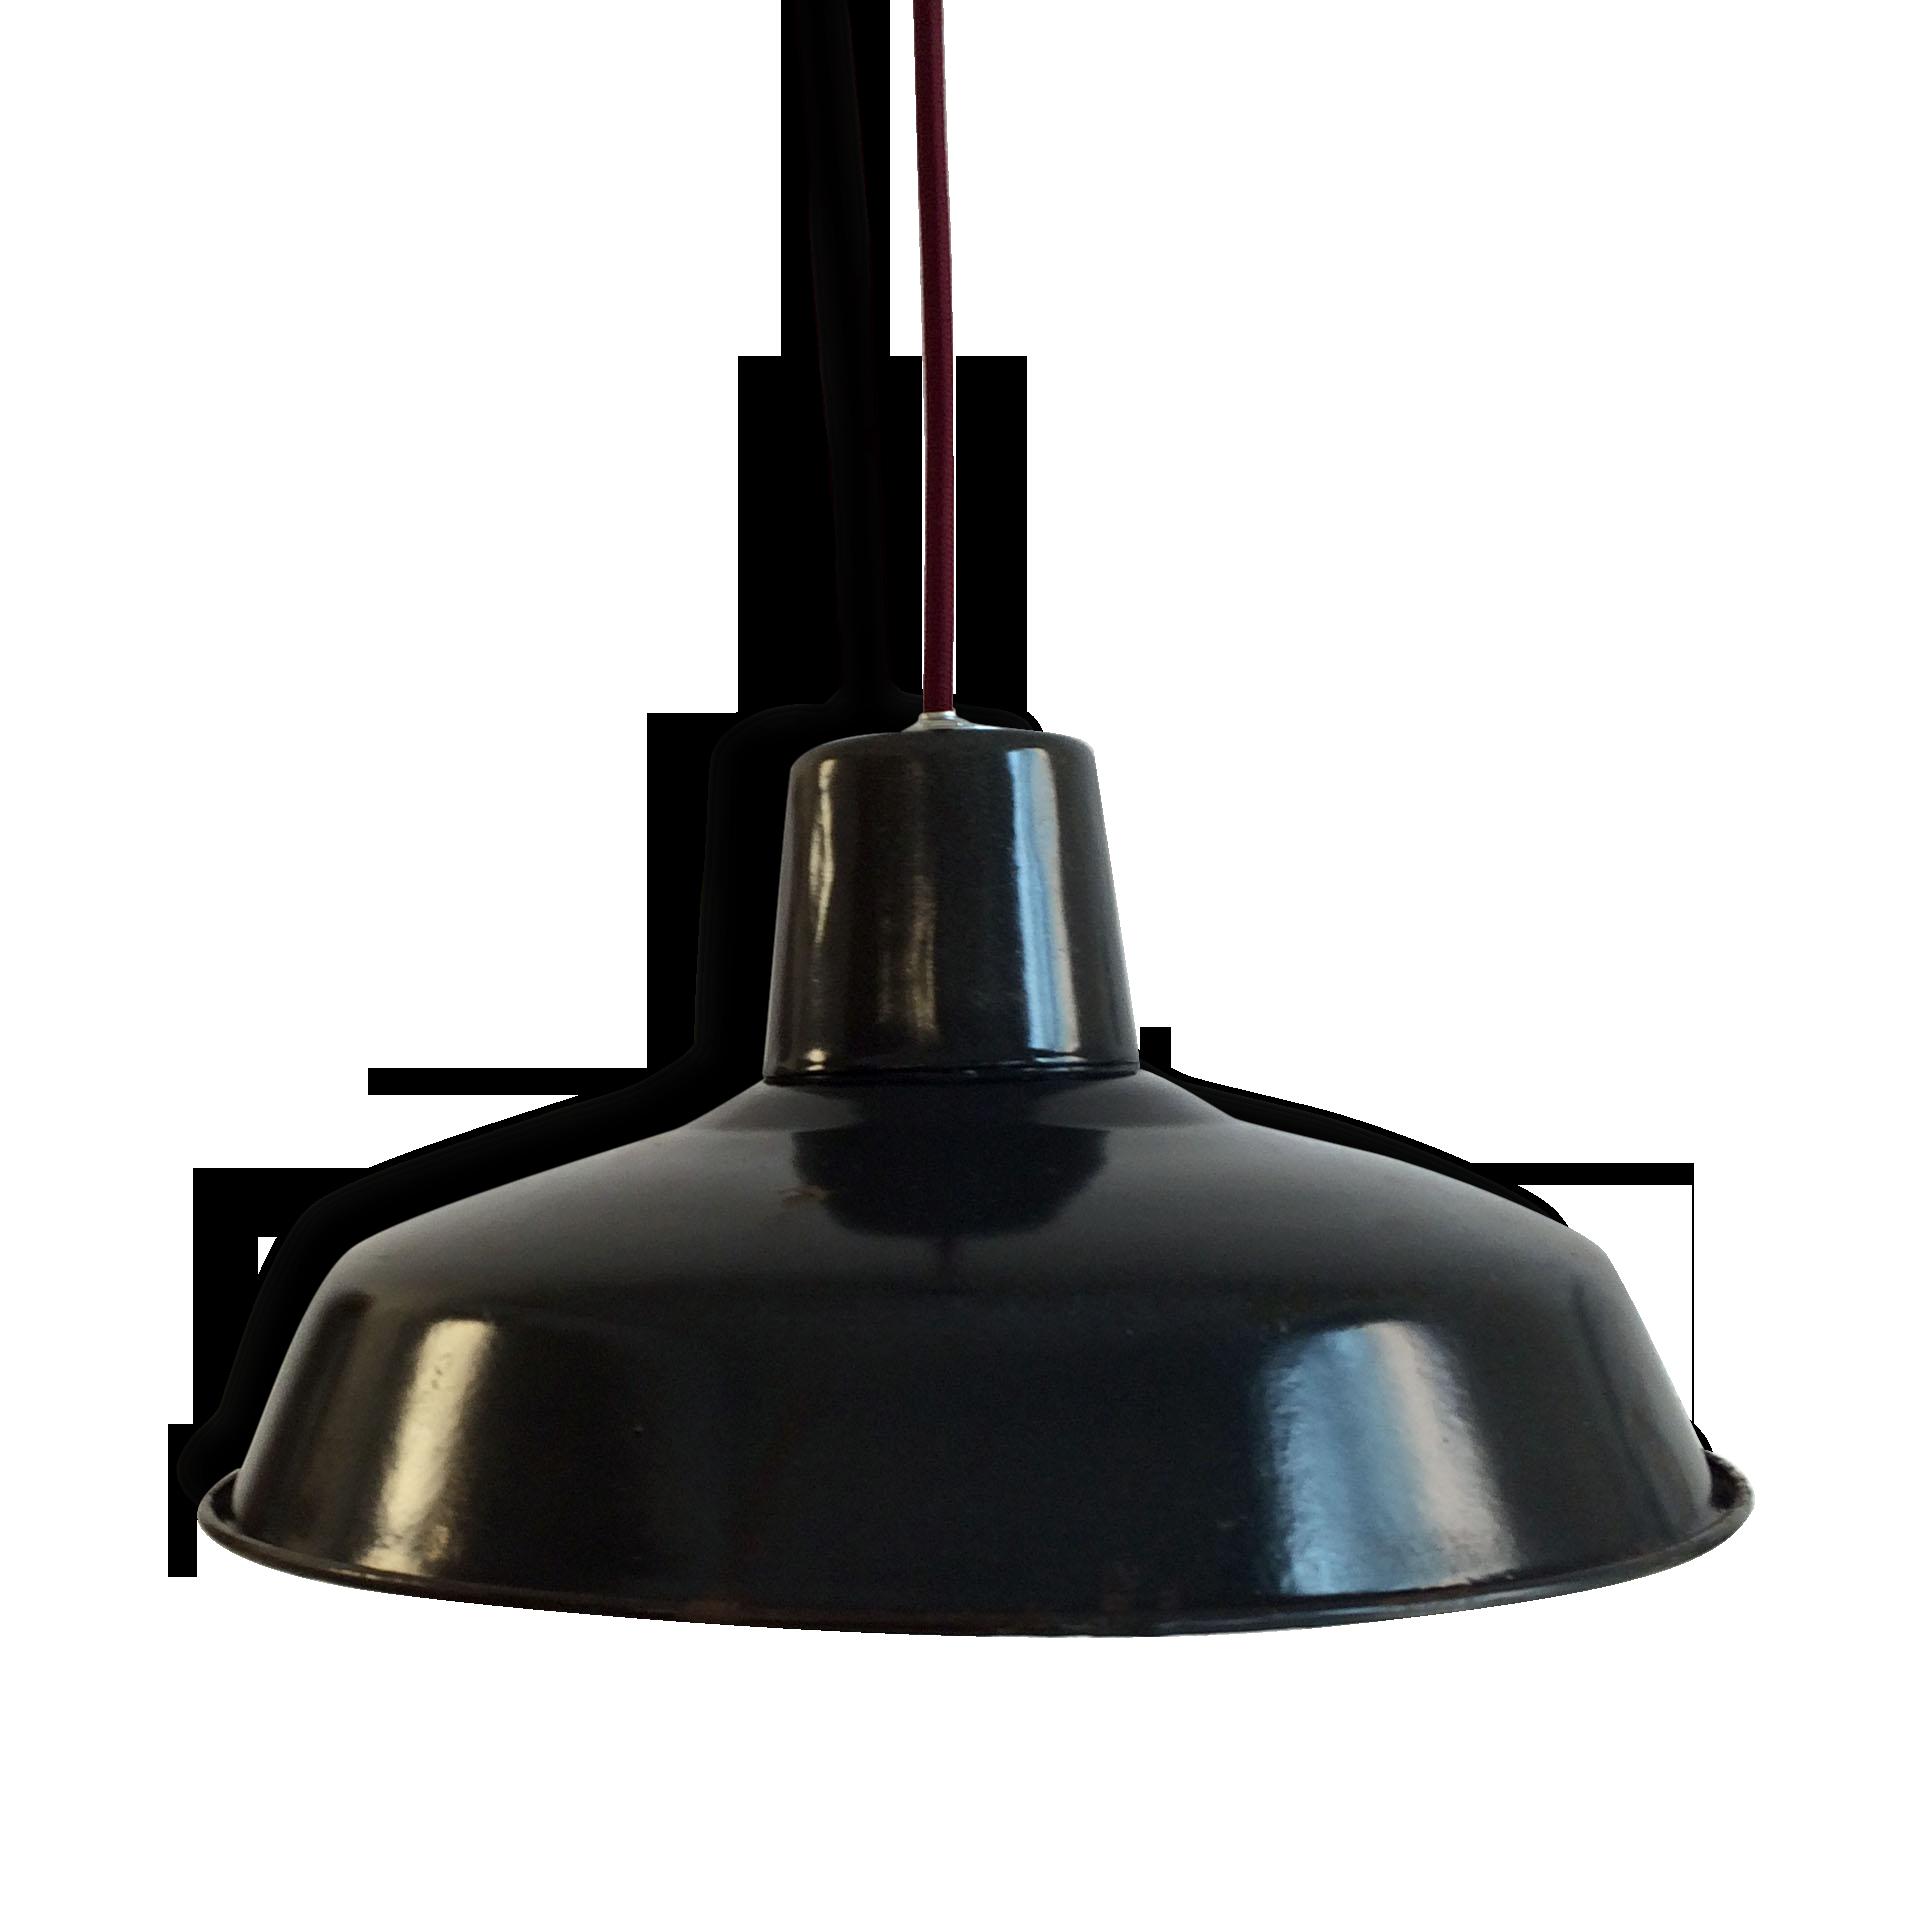 Lampe Industrielle Suspension Métal Tôle émaillée Atelier Usine